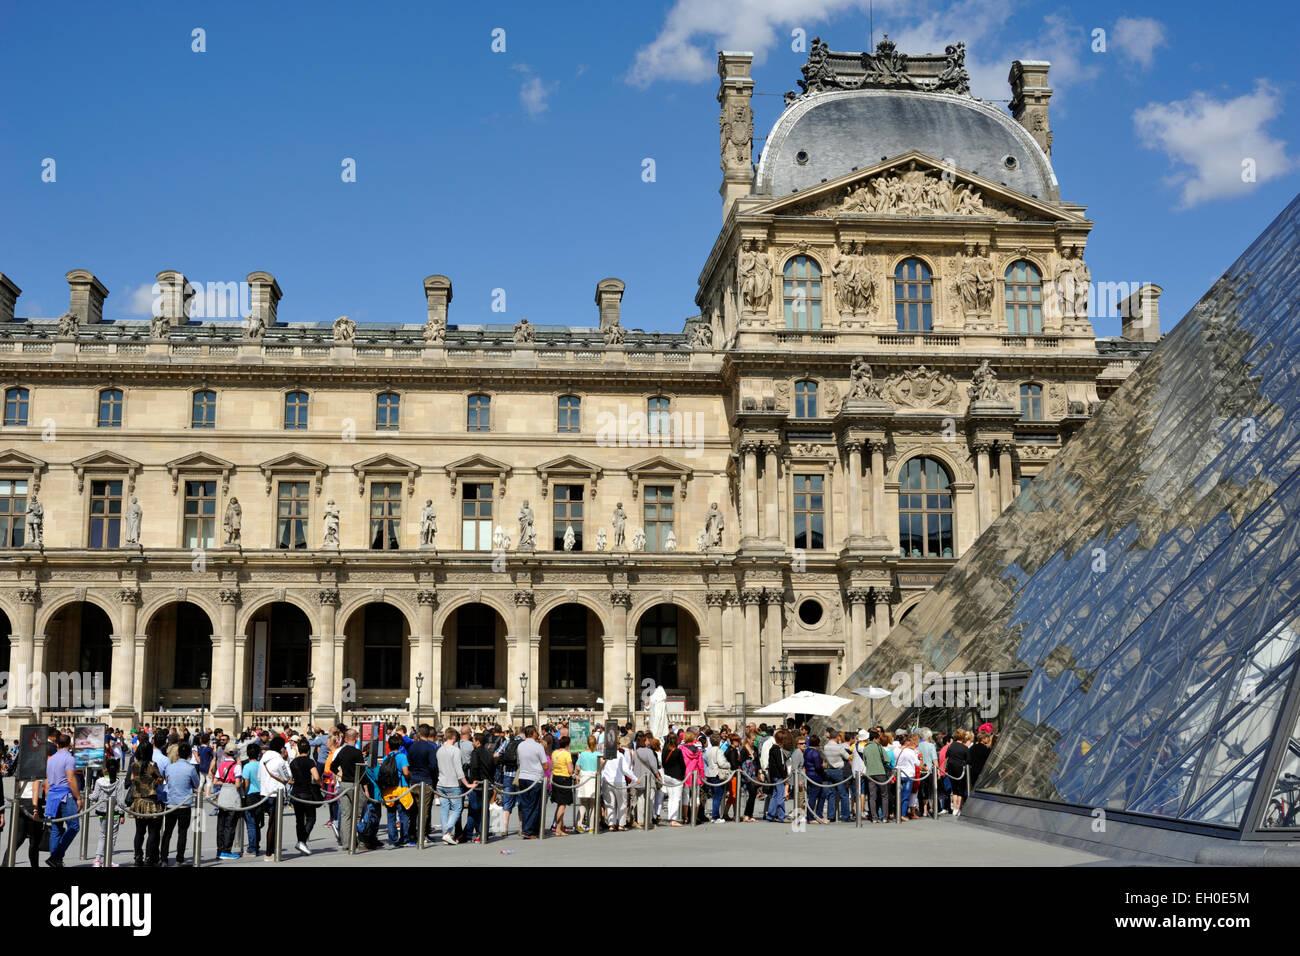 Paris, musée du Louvre, Pyramide, la file d'attente à l'entrée Photo Stock